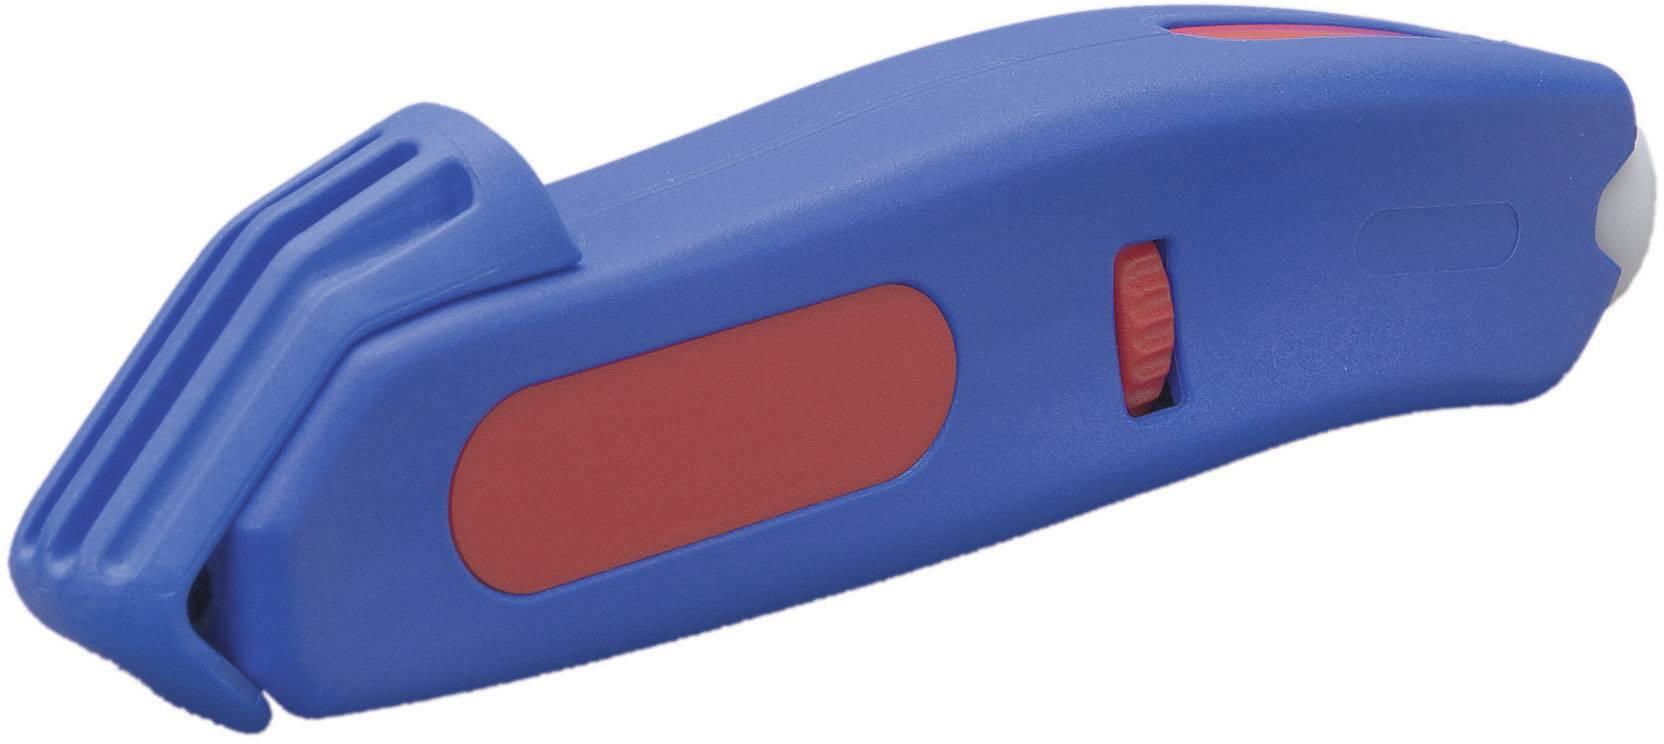 Odizolovací nůž WEICON TOOLS S 4-28 Voltage 50056328, 4 až 28 mm